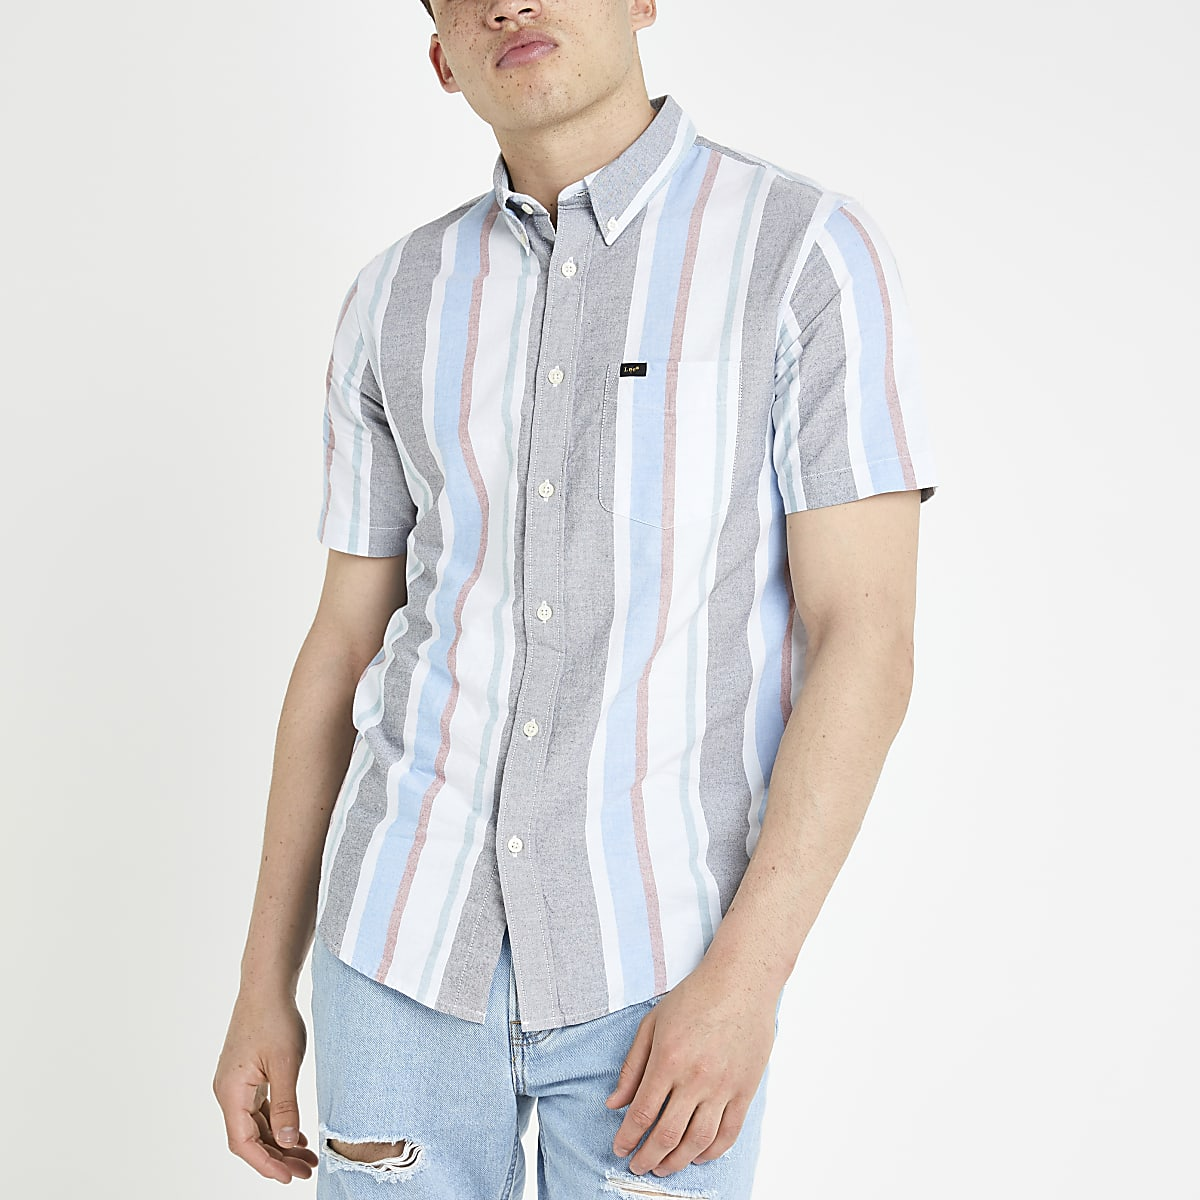 Lee - Blauw gestreept overhemd met korte mouwen